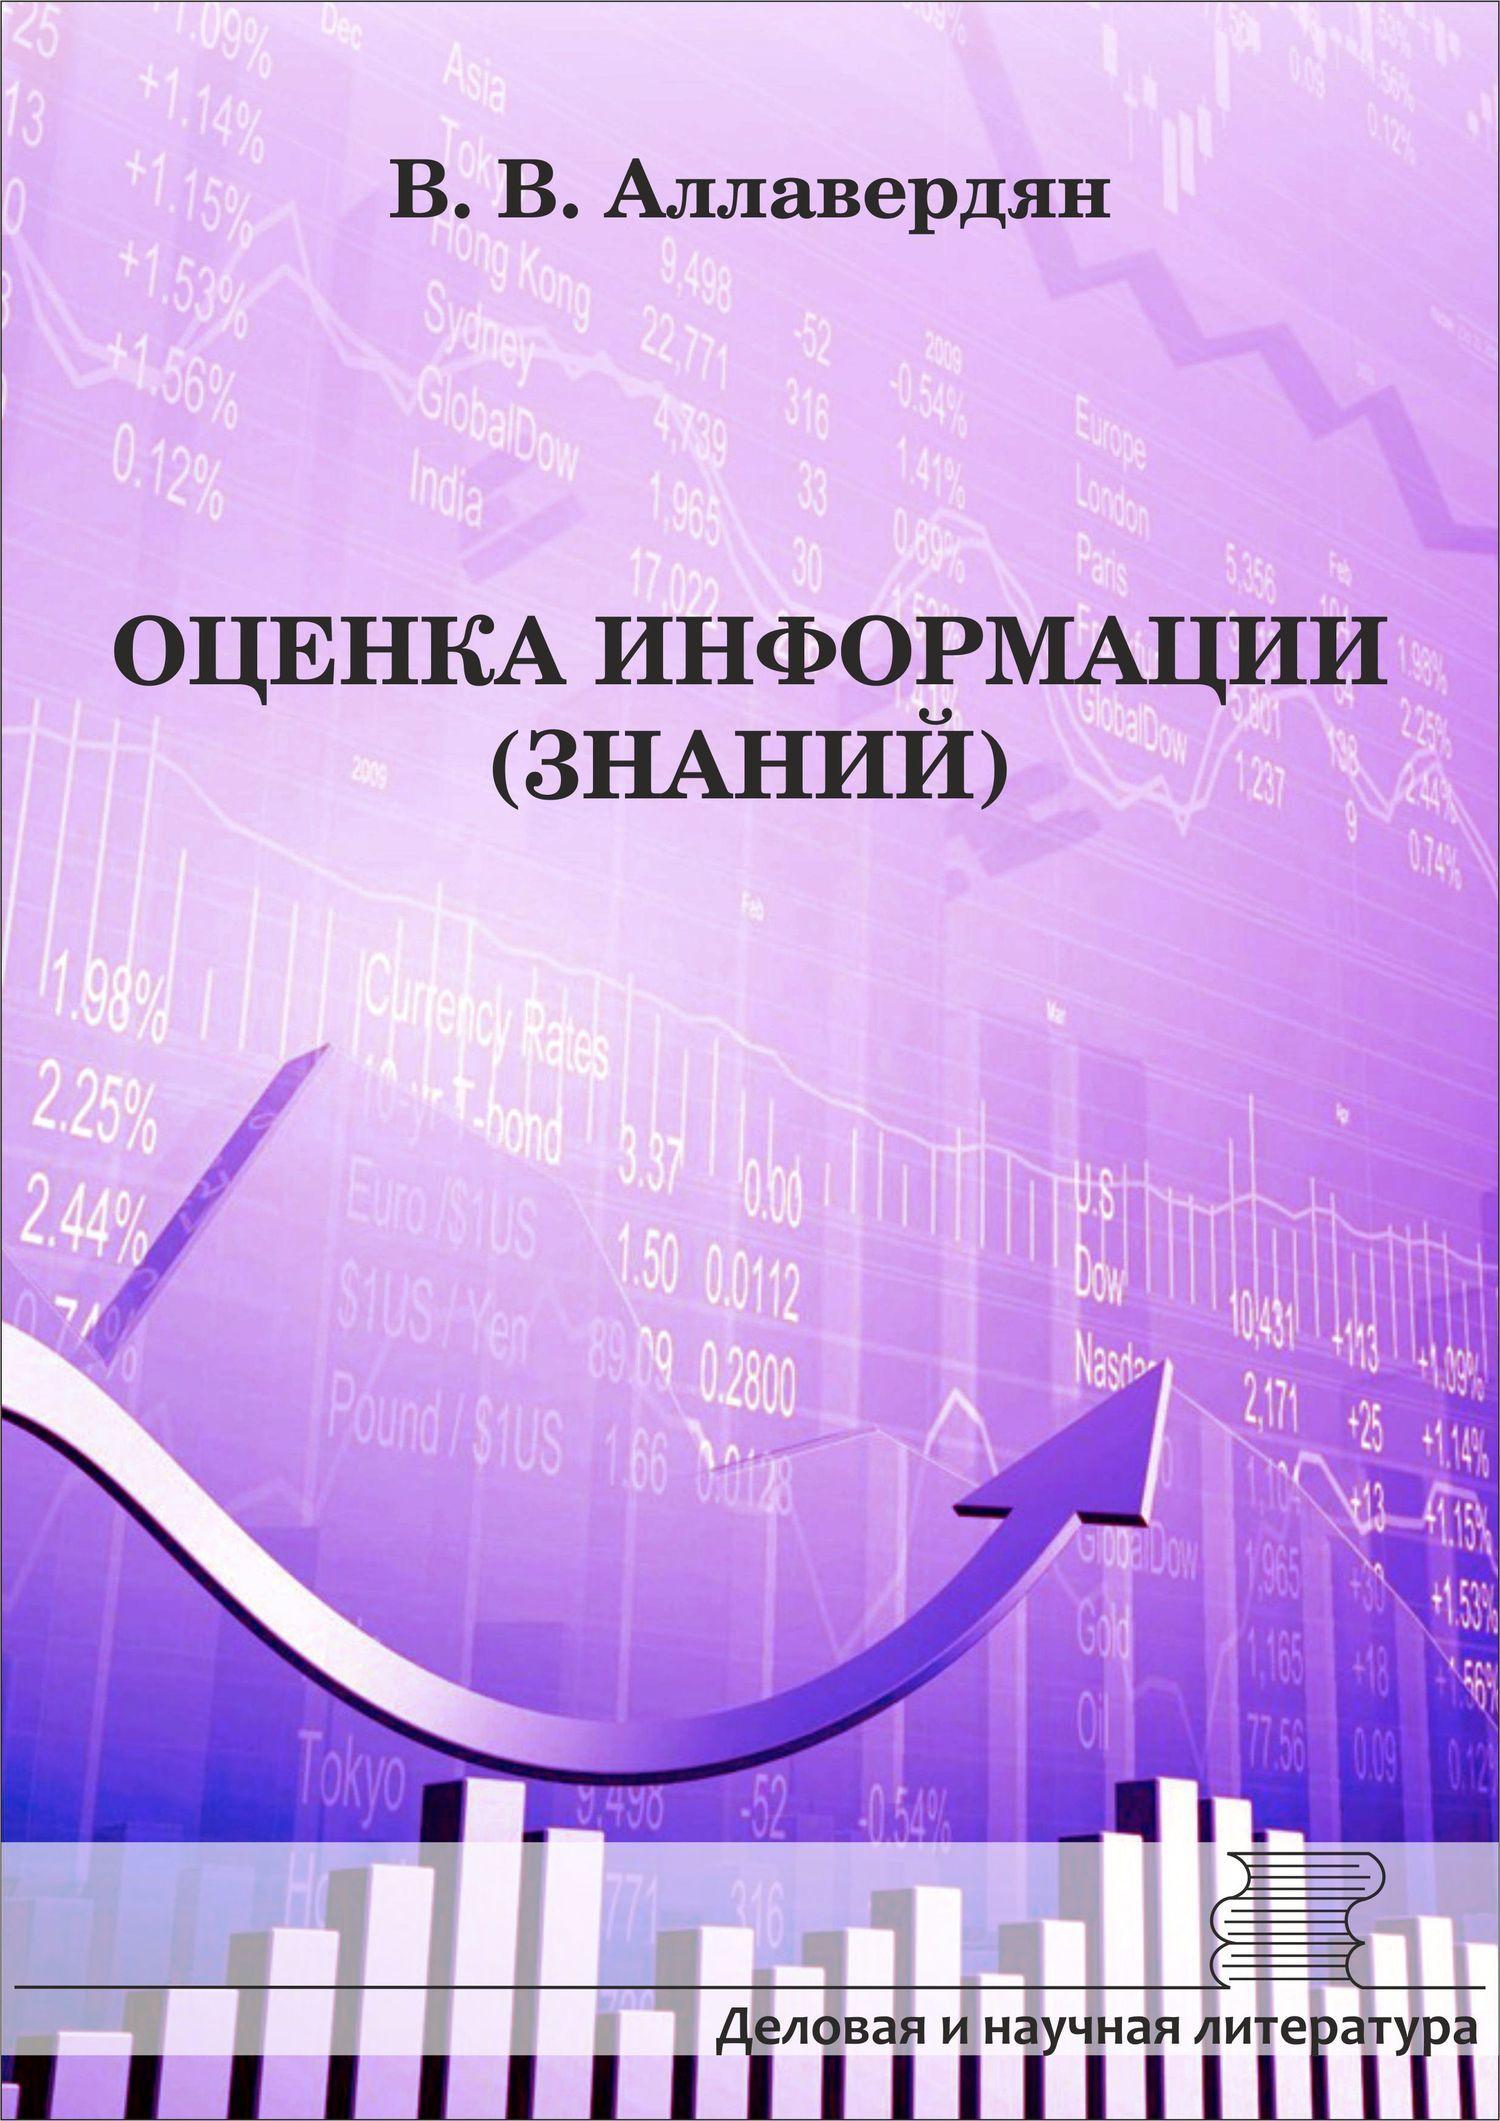 Оценка информации (знаний)